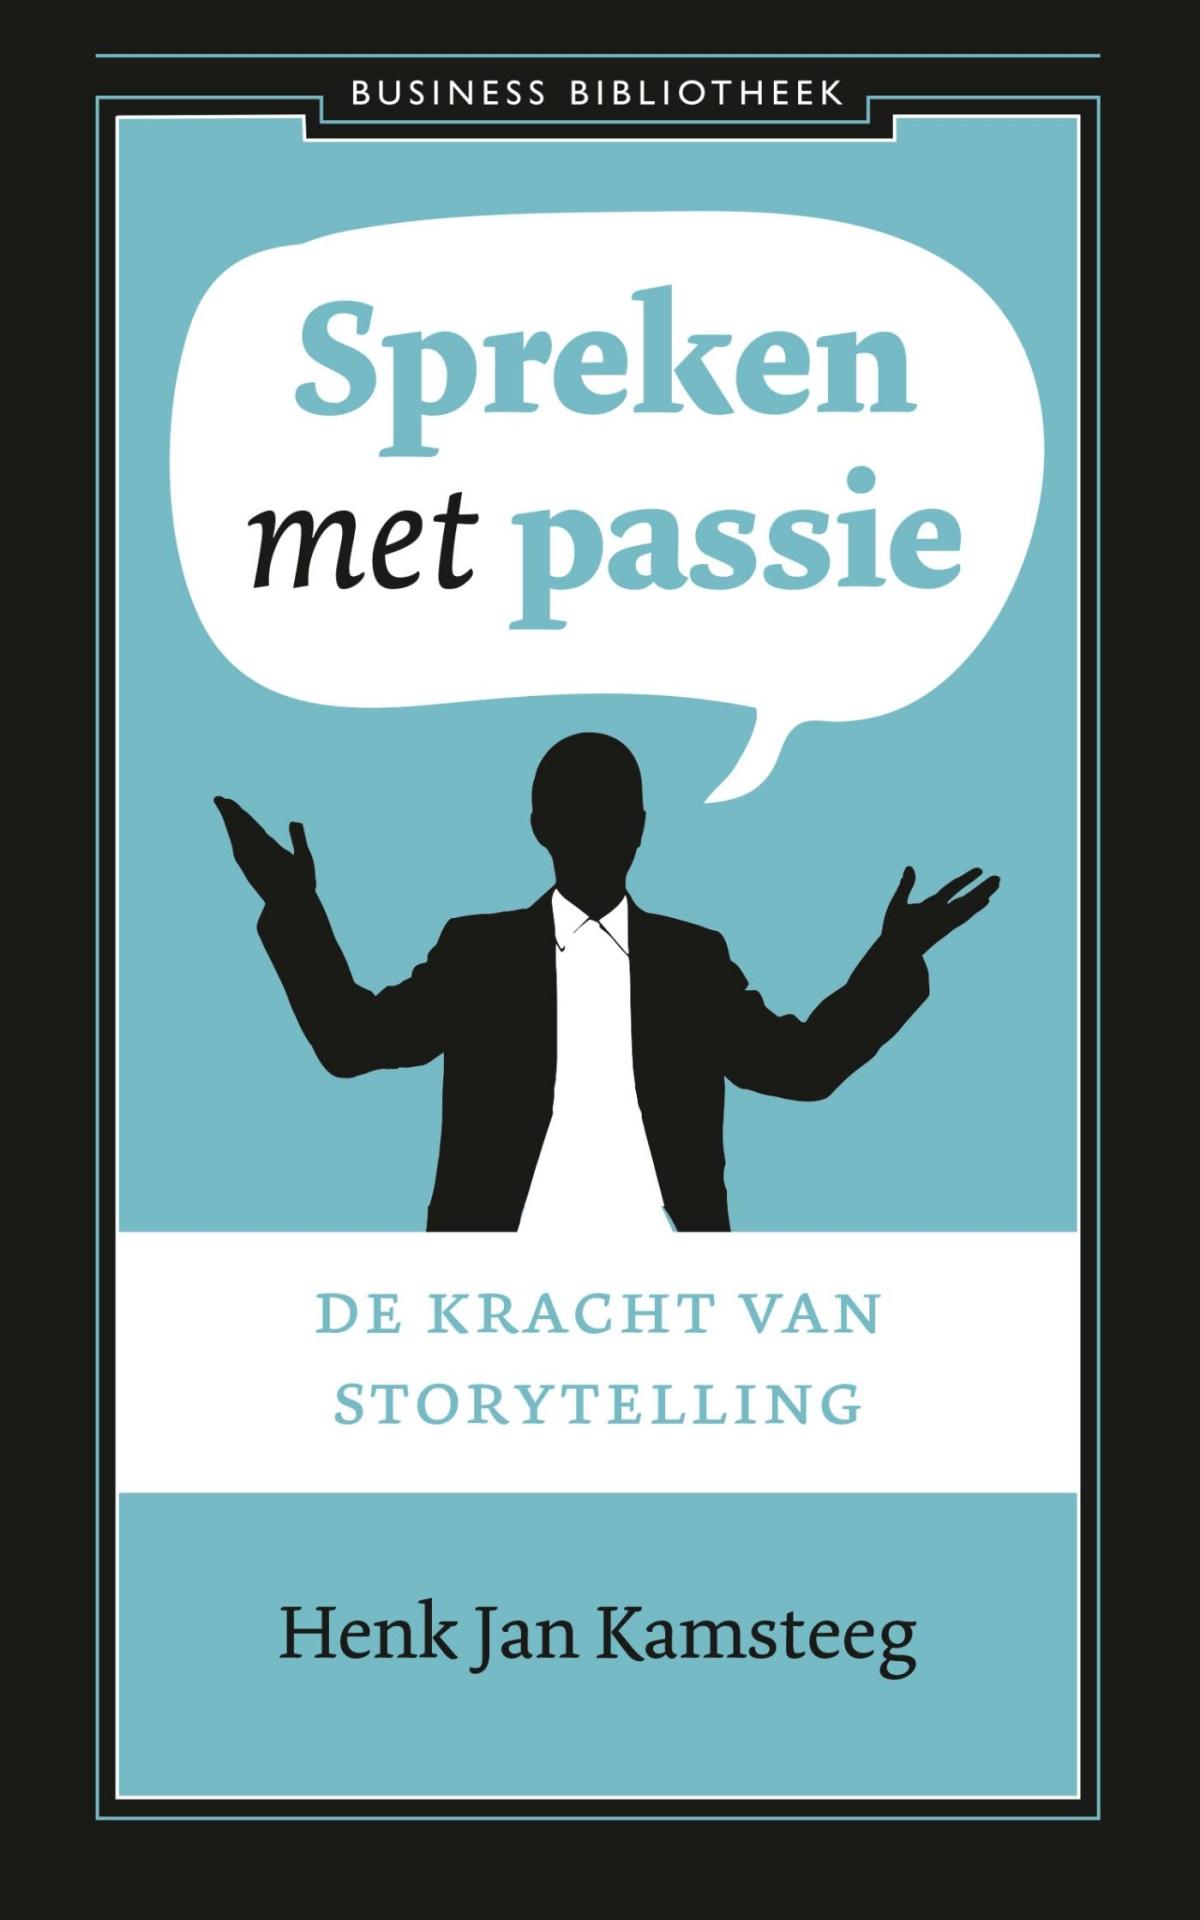 Spreken met passie - Henk Jan Kamsteeg